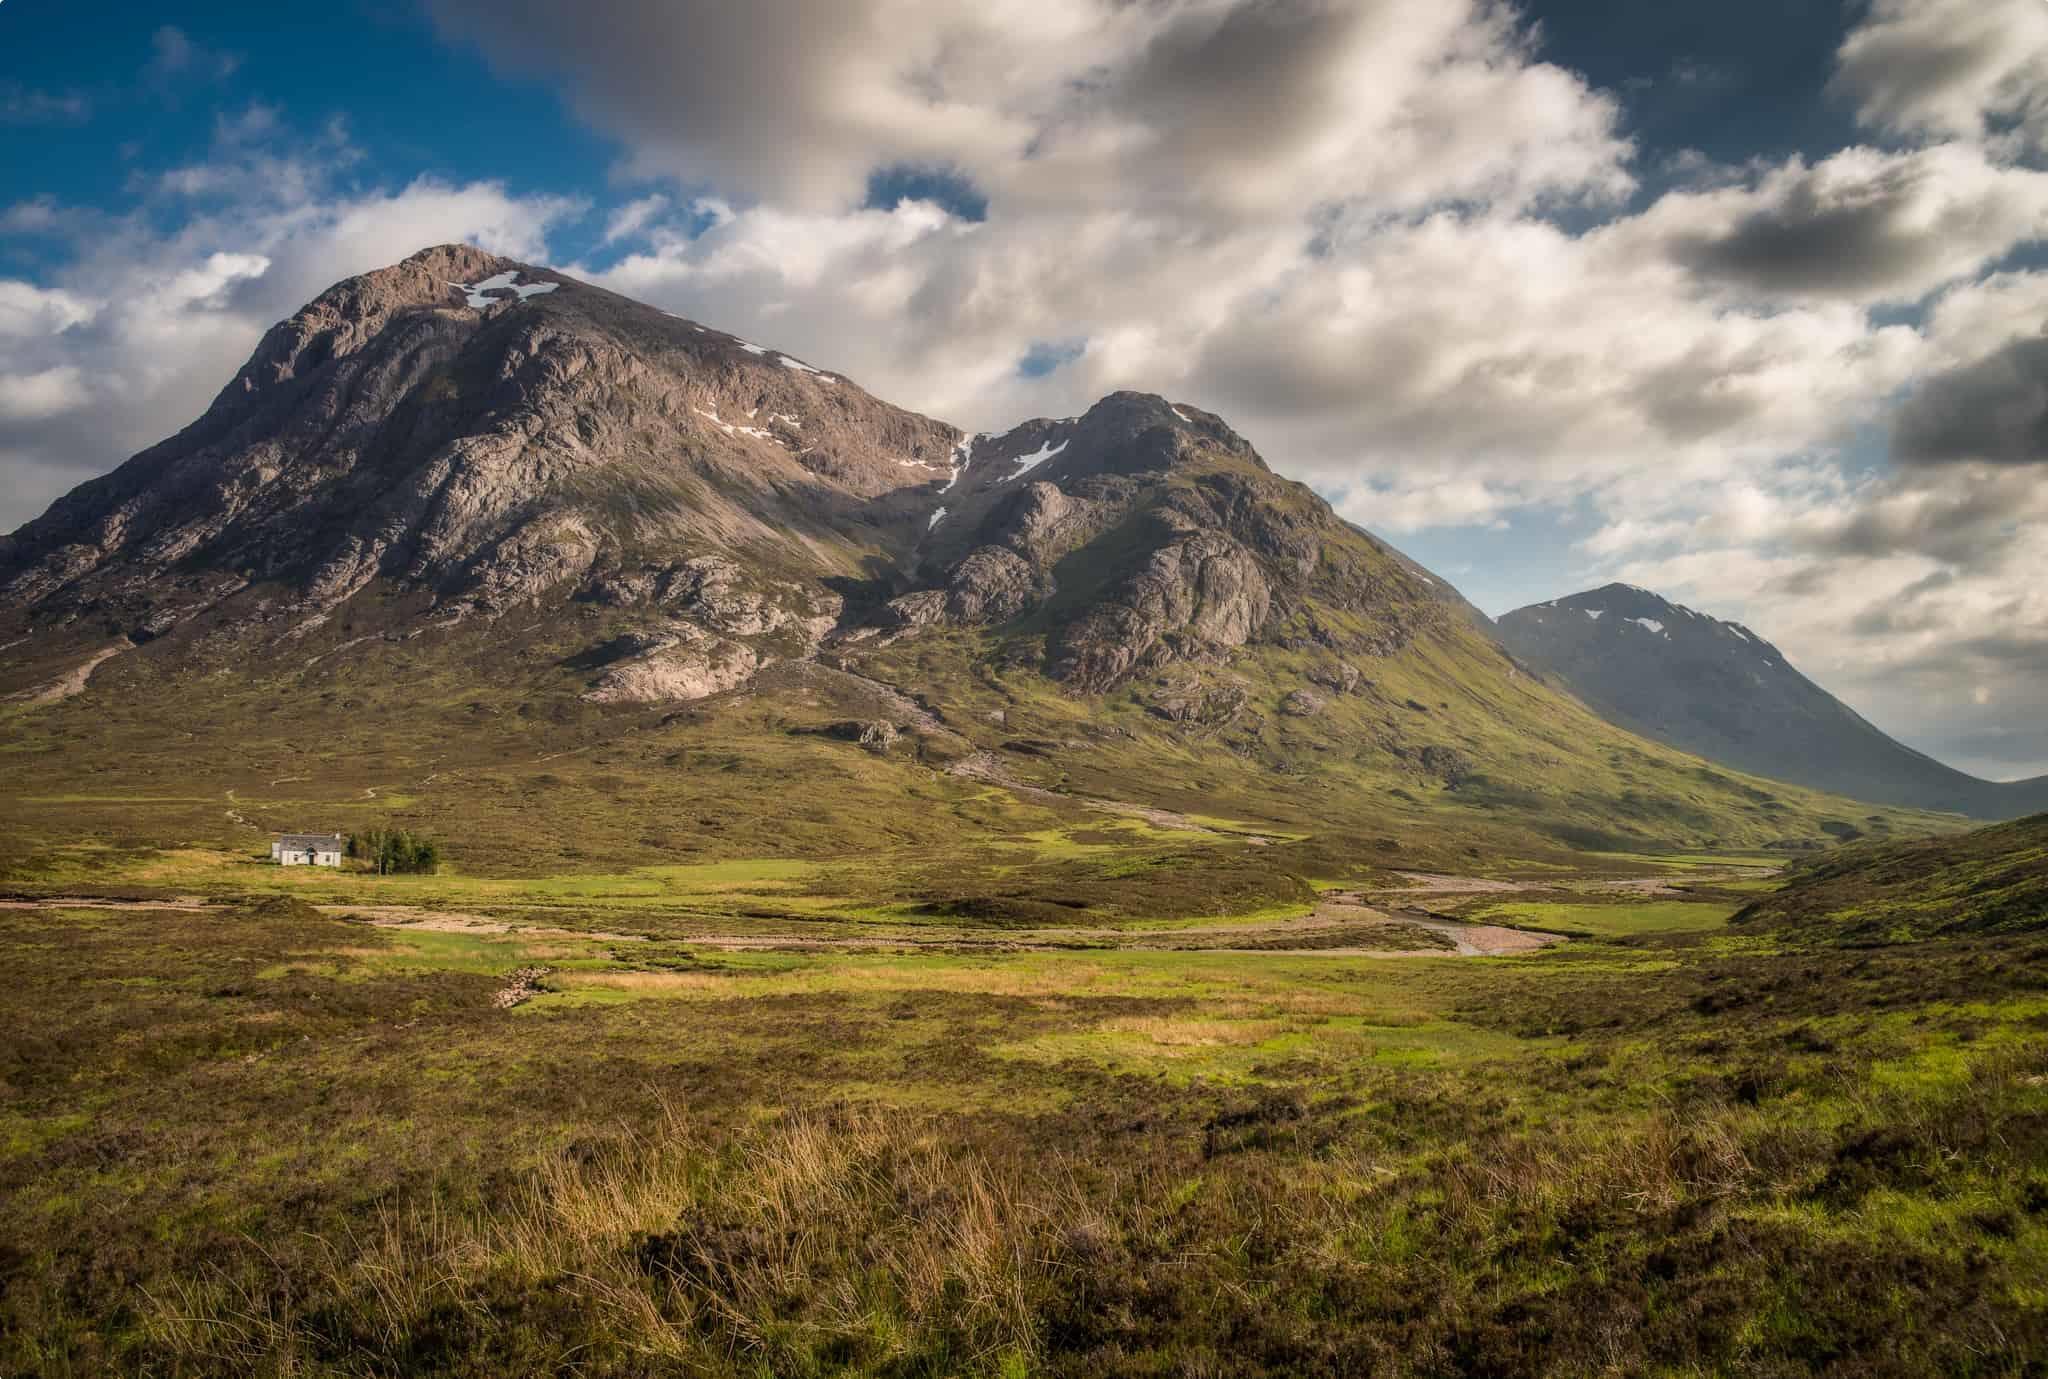 Ben Nevis, the highest peak in the UK